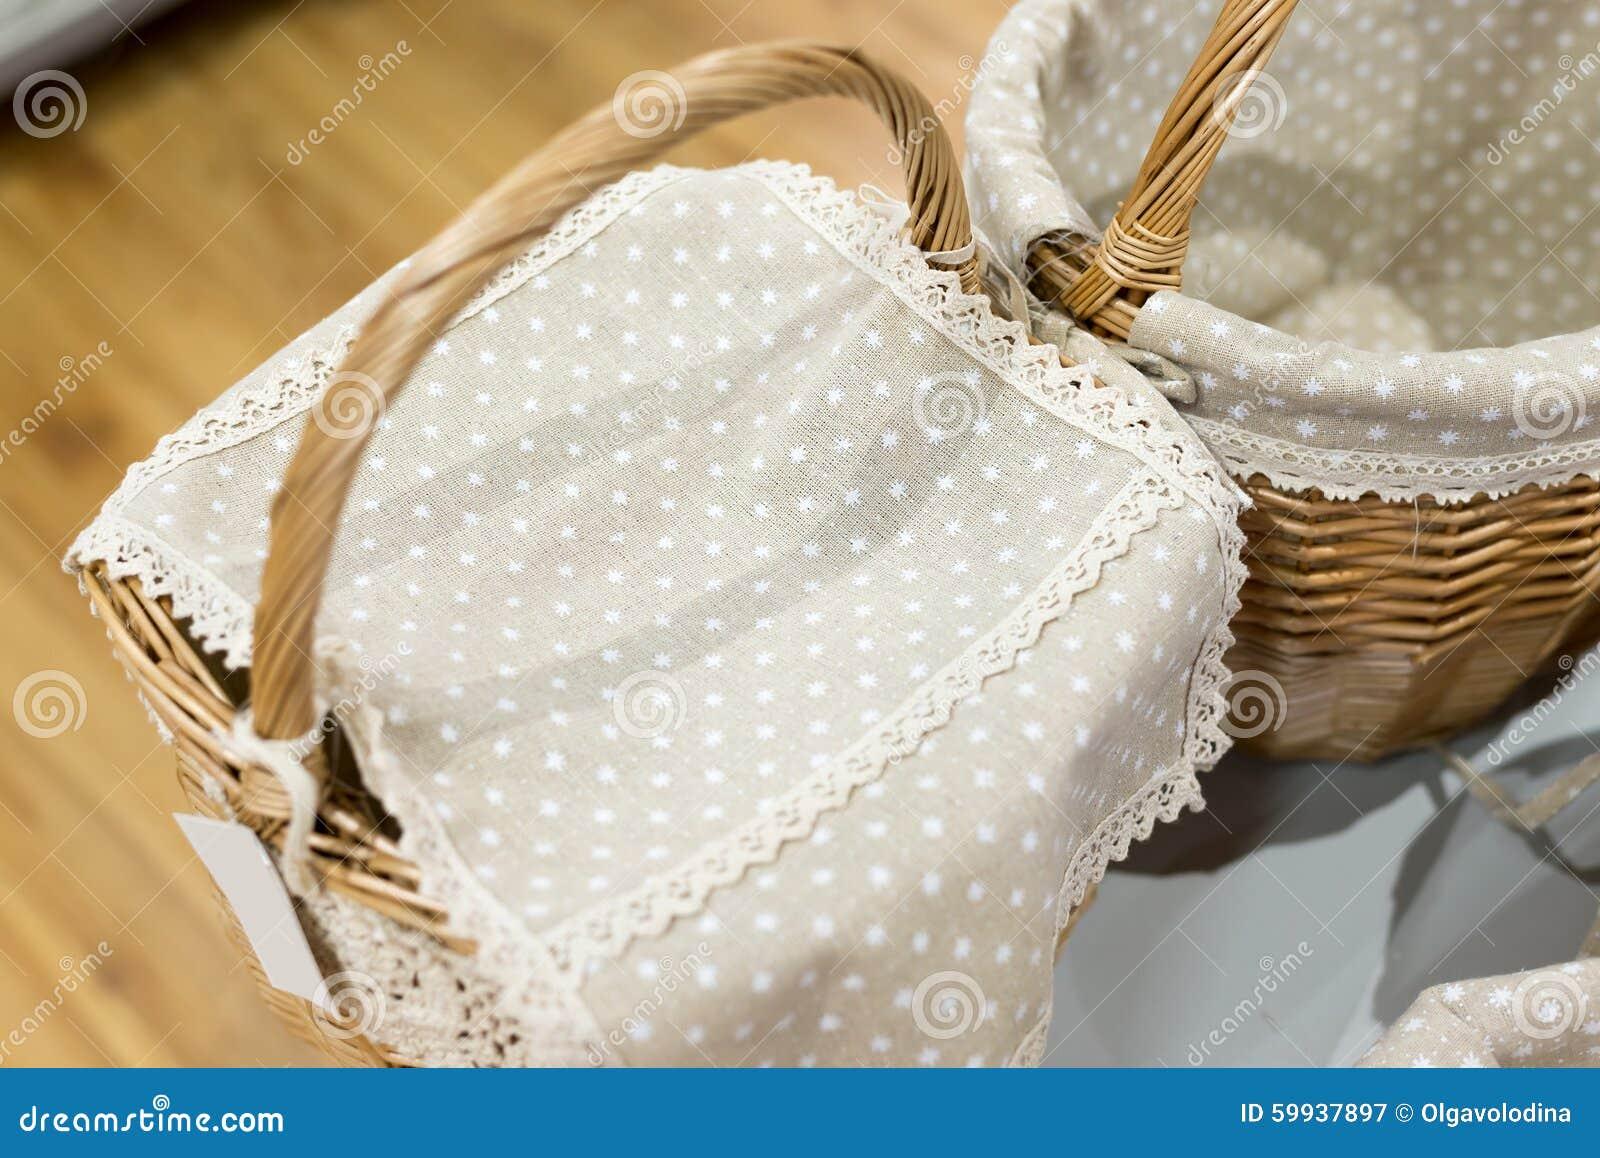 Rieten die mand met een doek wordt behandeld